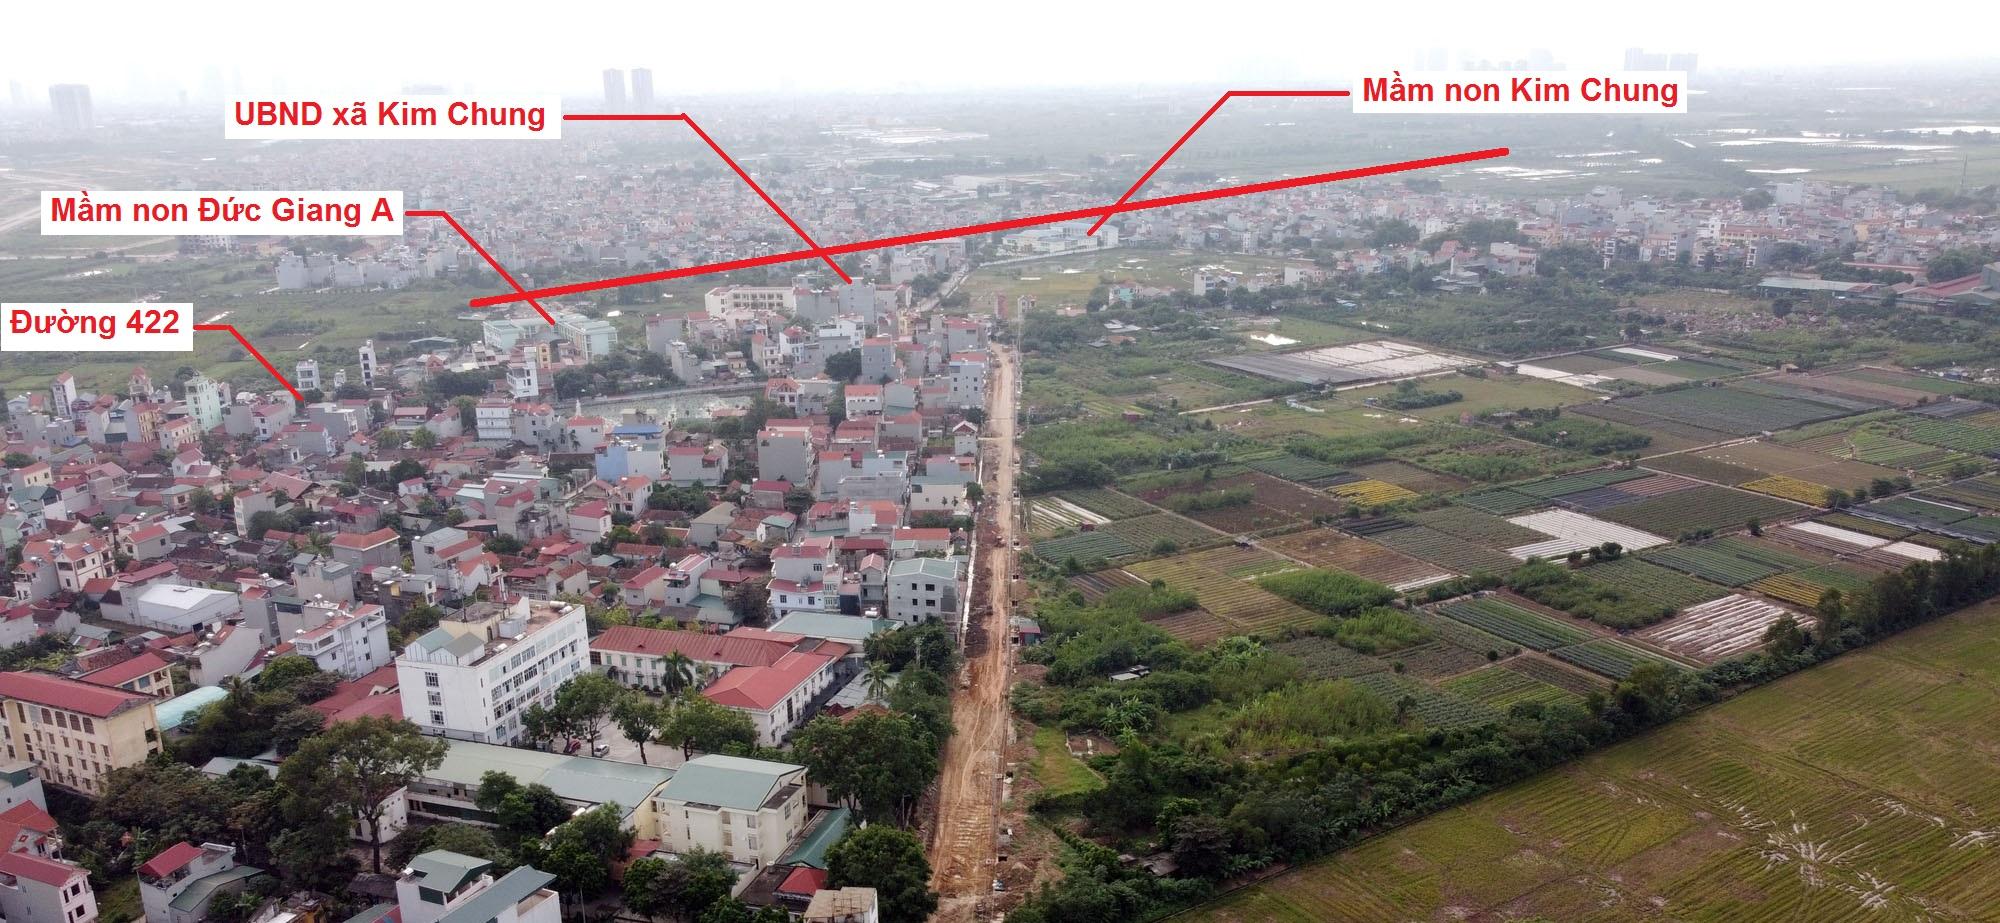 Ba đường sẽ mở theo qui hoạch ở xã Kim Chung, Hoài Đức, Hà Nội - Ảnh 7.